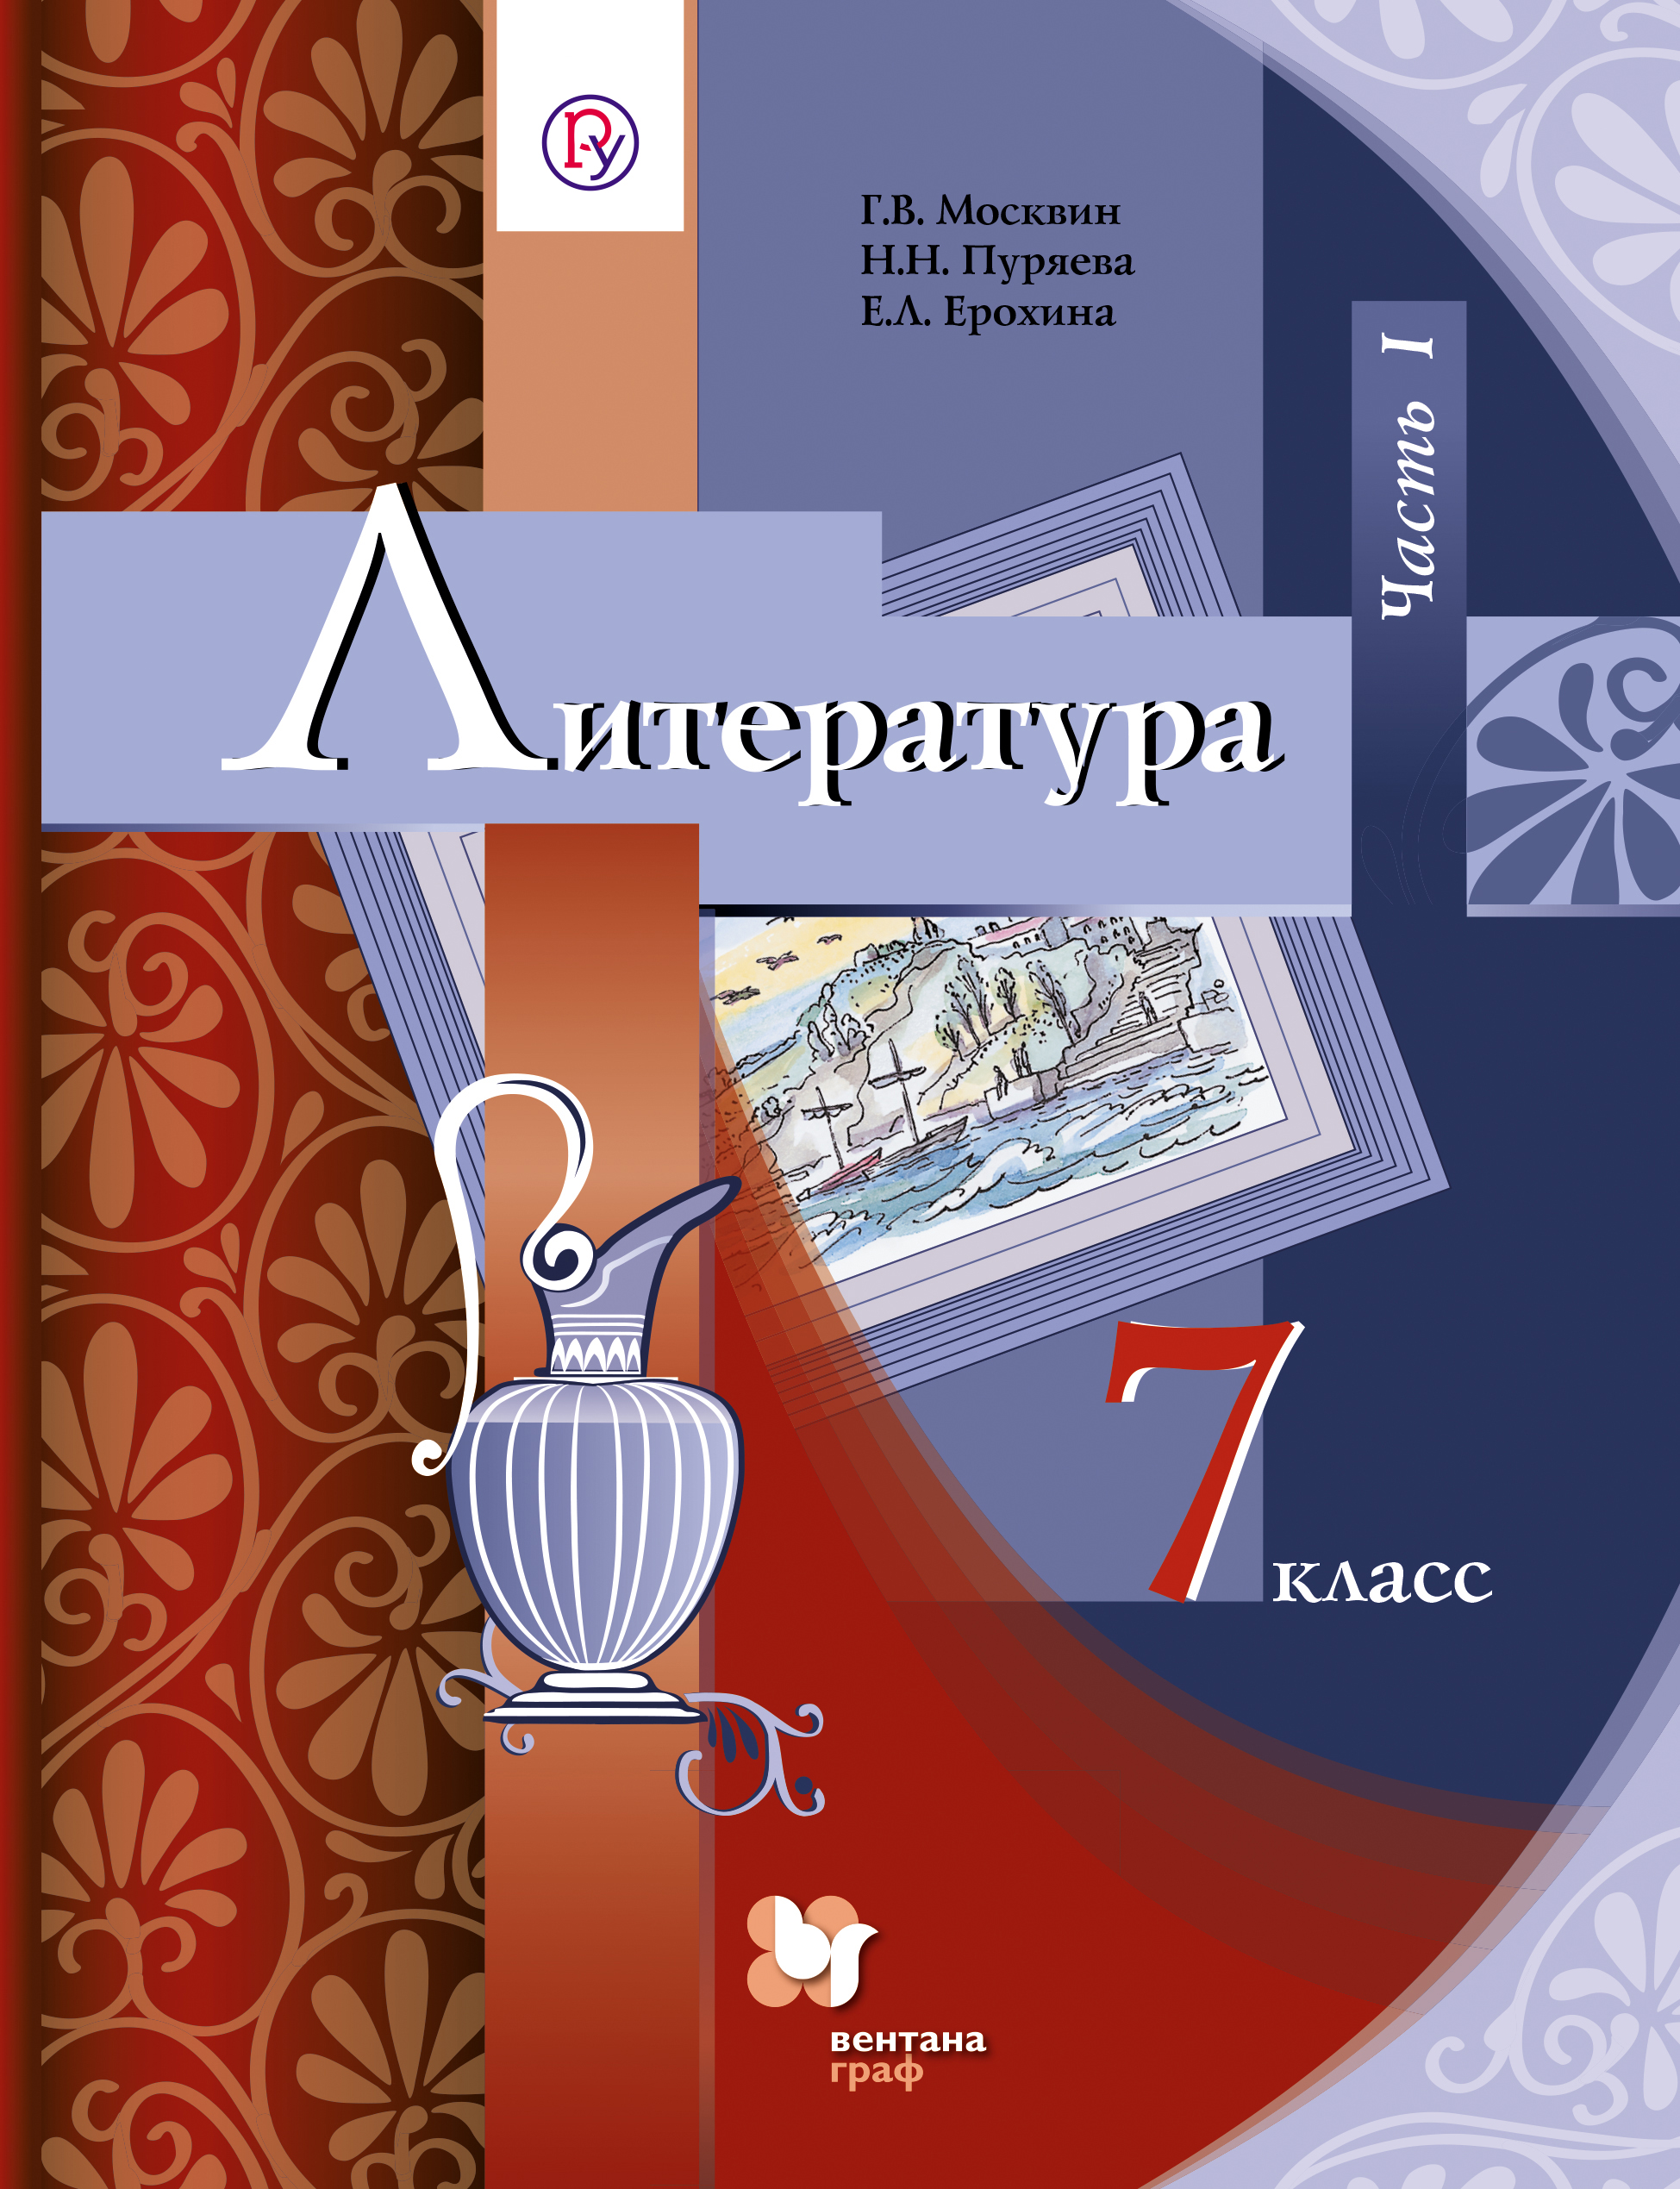 Литература. 7кл. Учебник Ч.1. ( Москвин Г.В., Пуряева Н.Н., Ерохина Е.Л.  )